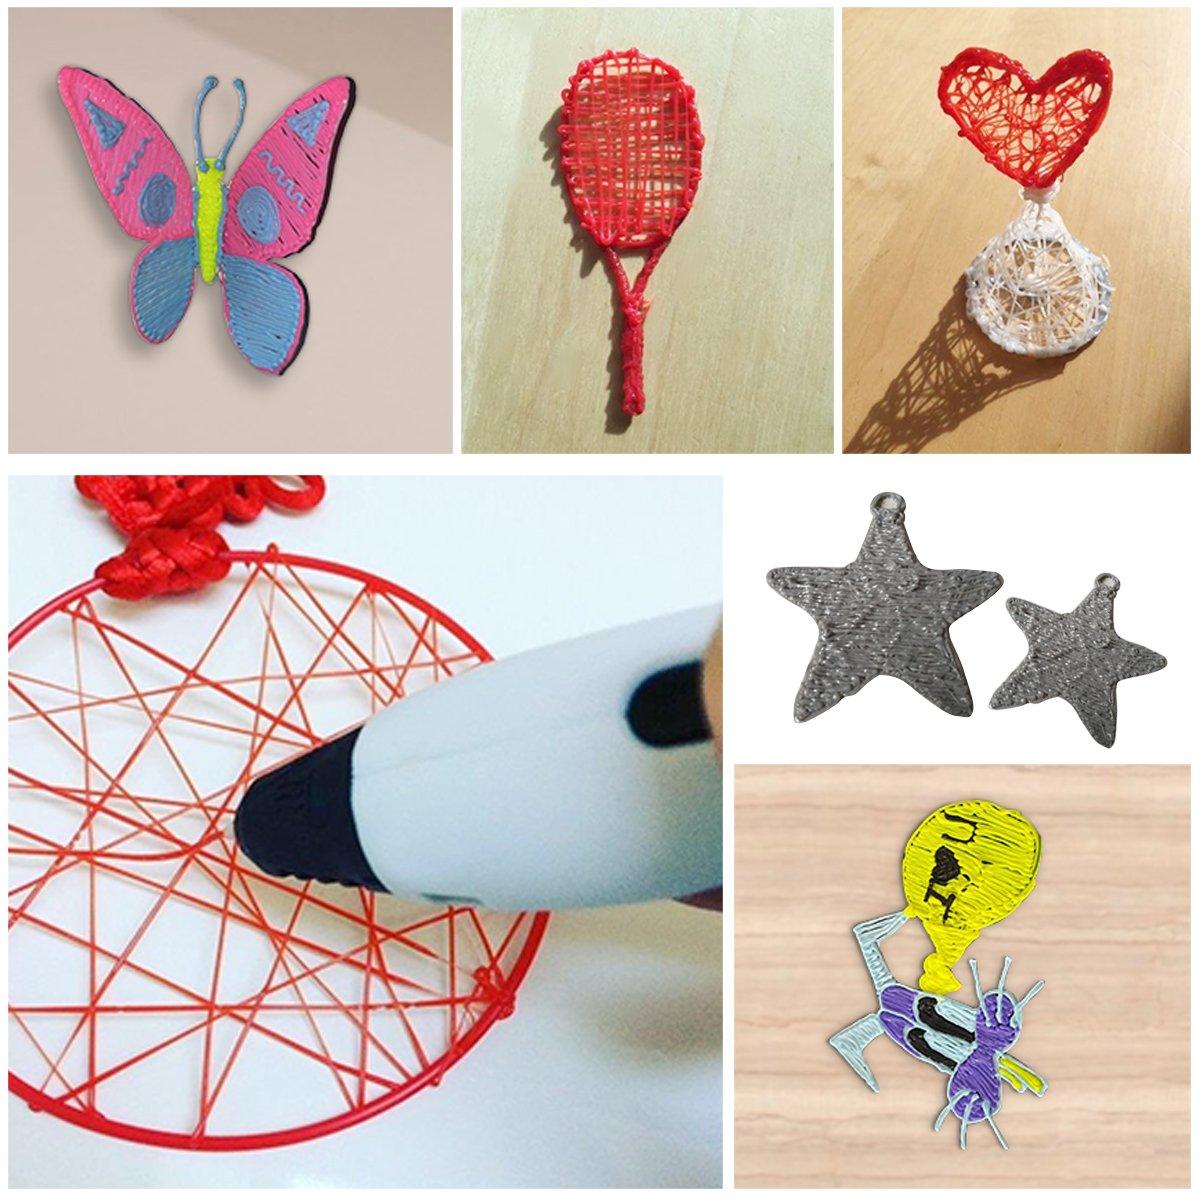 MOHOO-Intelligent-3D-Stylo-Impression-Stylo-Crayon-3D-USB-pour-3D-Arts-Dcoratifs-Dessin